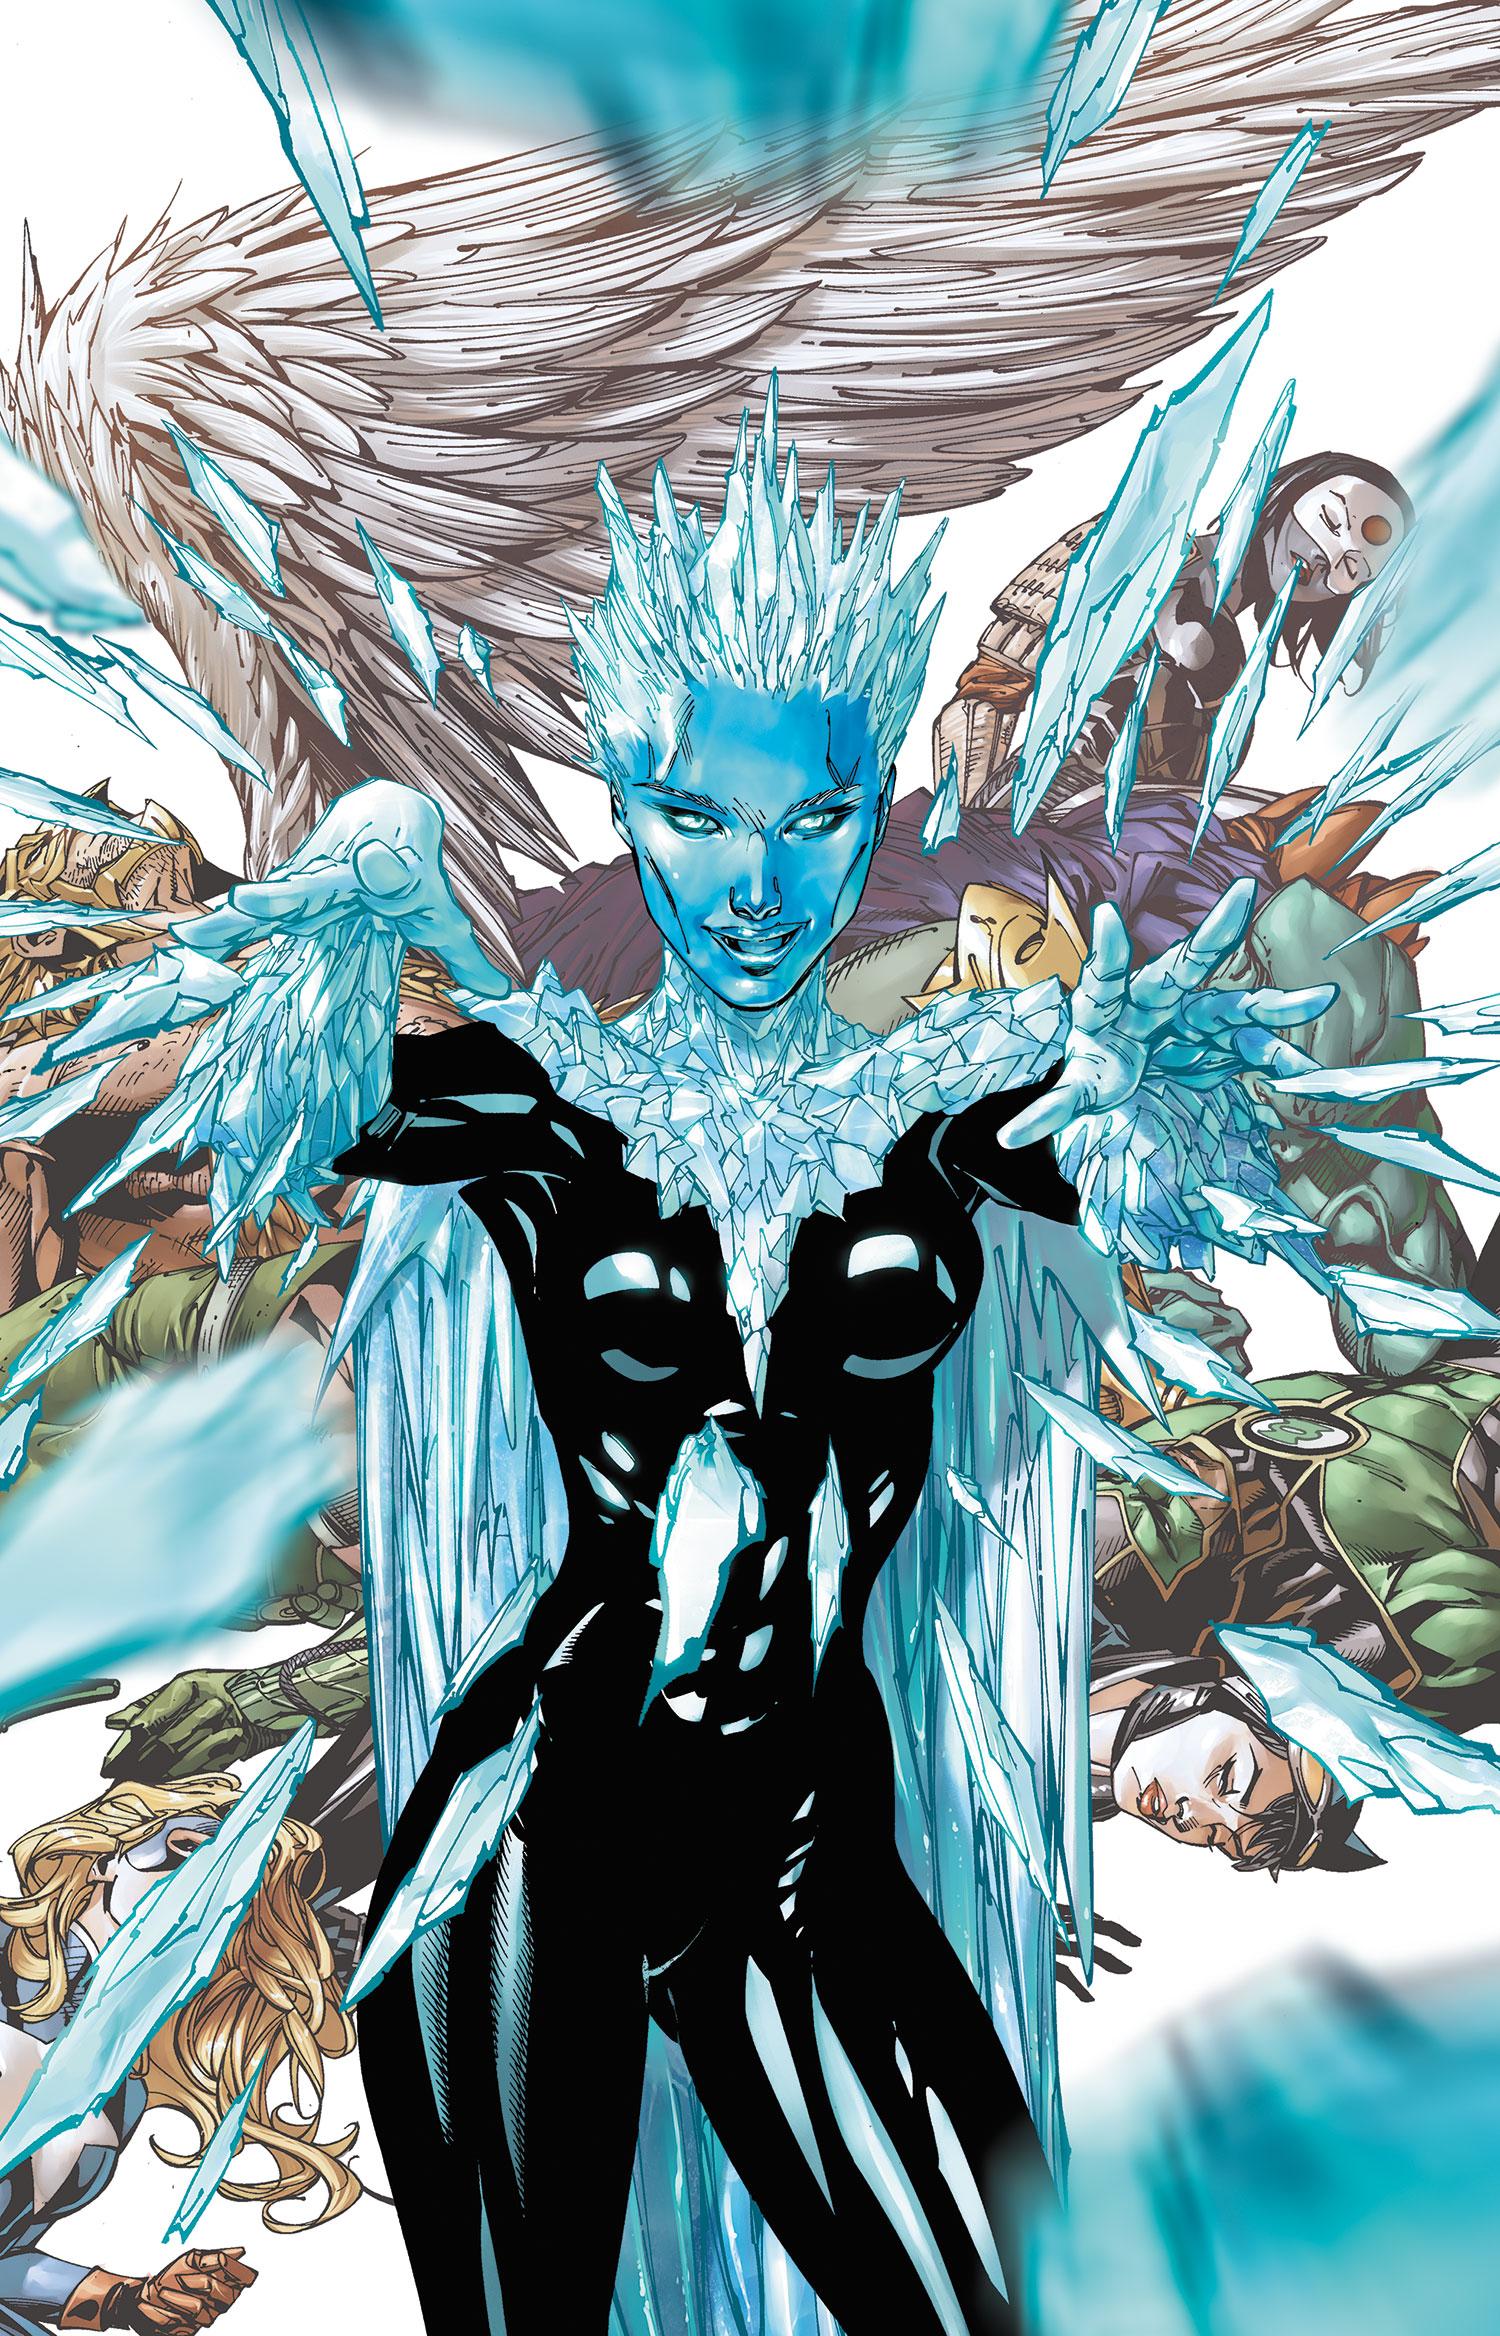 Justice_League_of_America_Vol_3_7.2_Kill